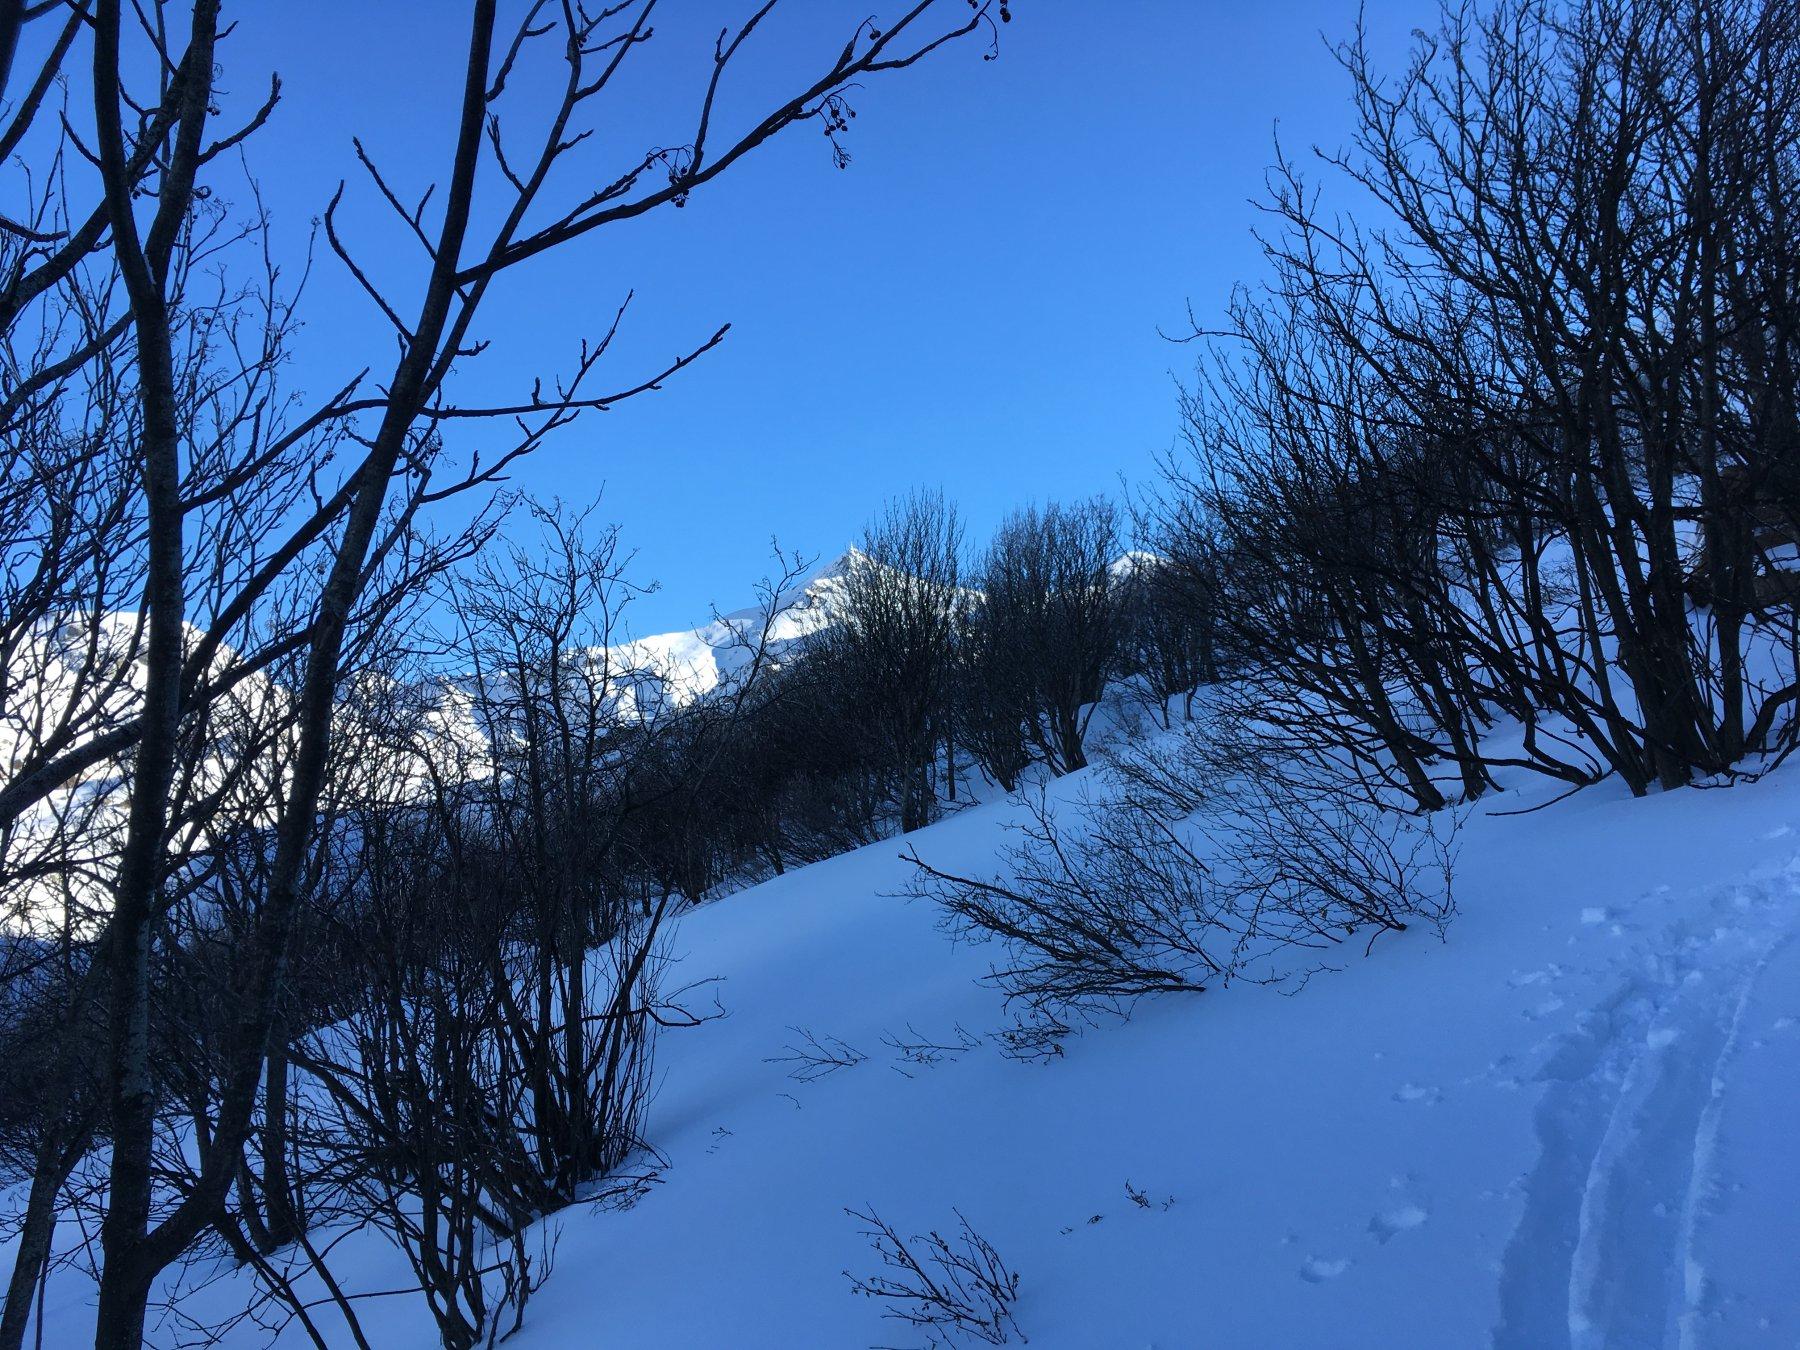 l'unica parte della boschina con un po' di neve morbida